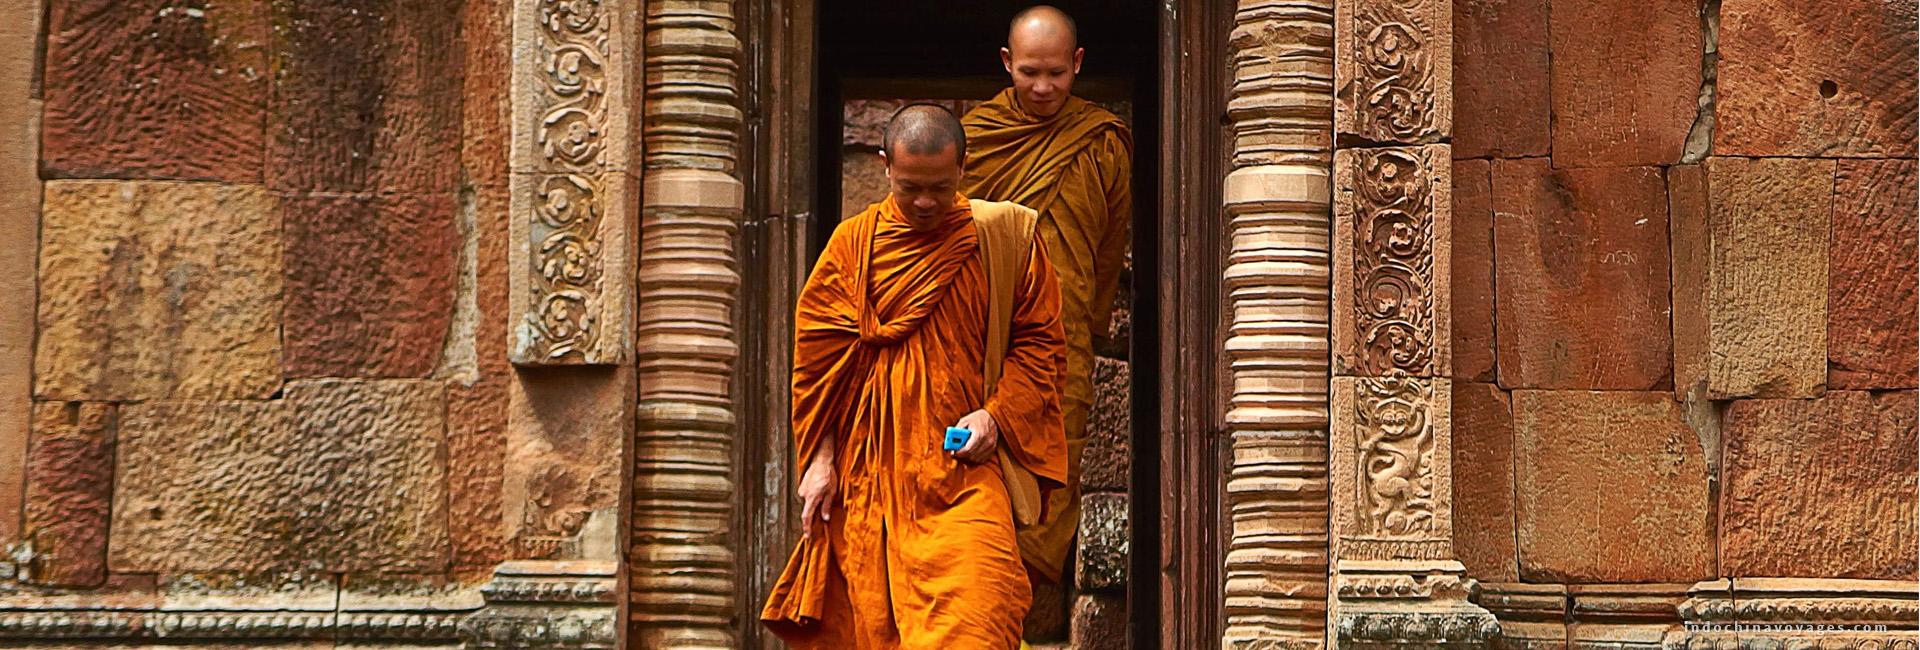 Bangkok To Chiang Mai 4 Days